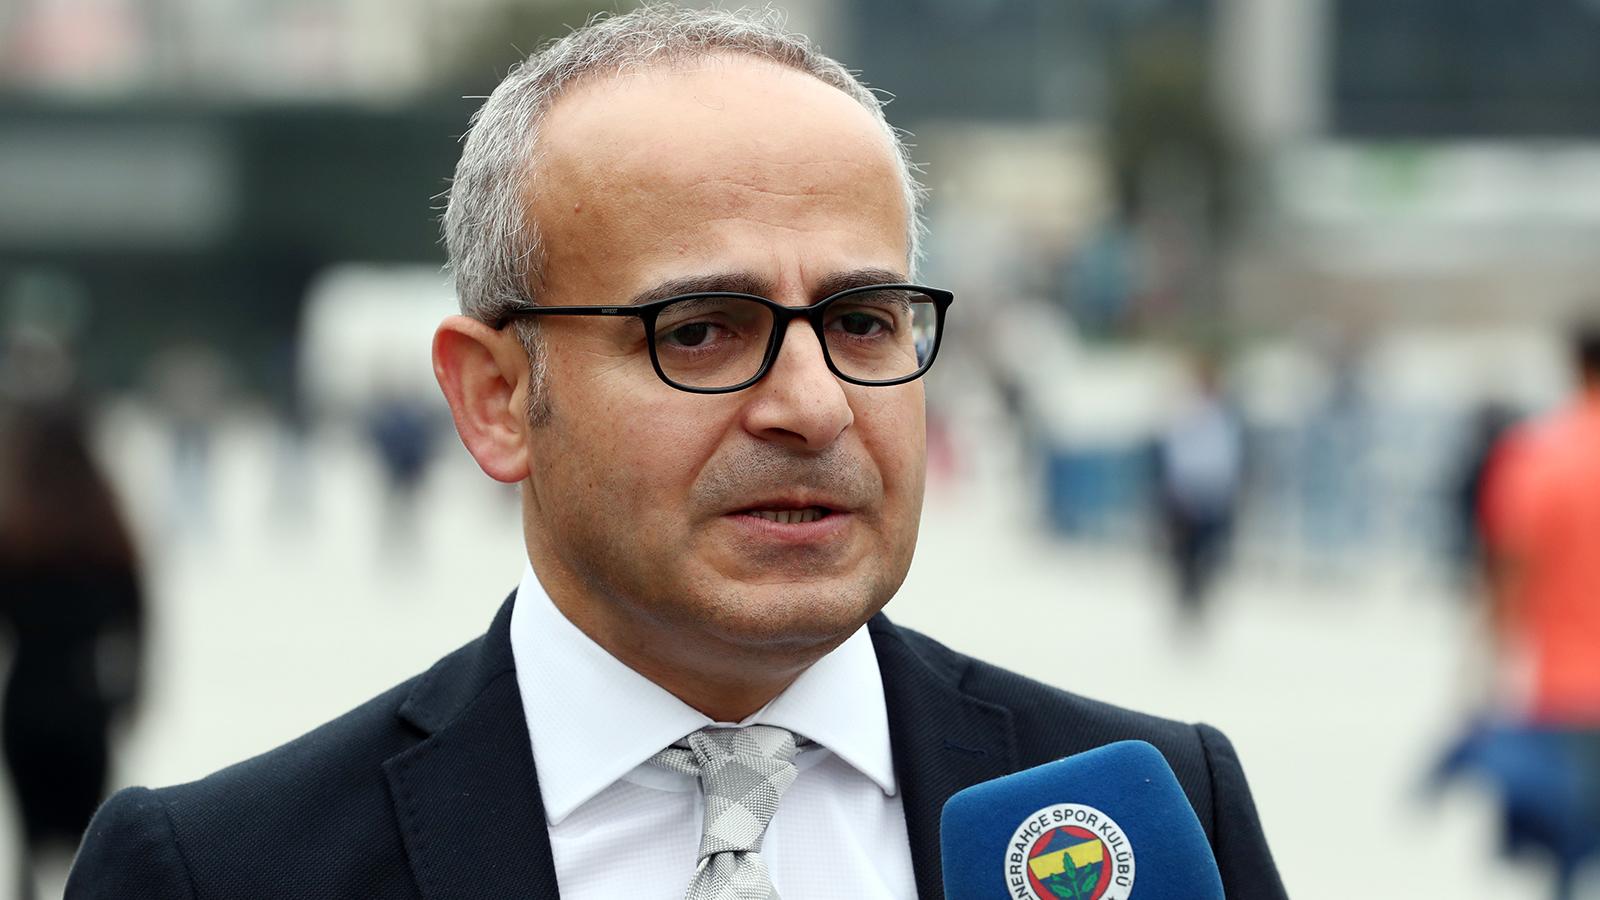 Kulüp Avukatımız Naim Karakaya: Hukuksuzluğun hukuk önünde hesap vermesi açısından önemli bir karar olmuştur